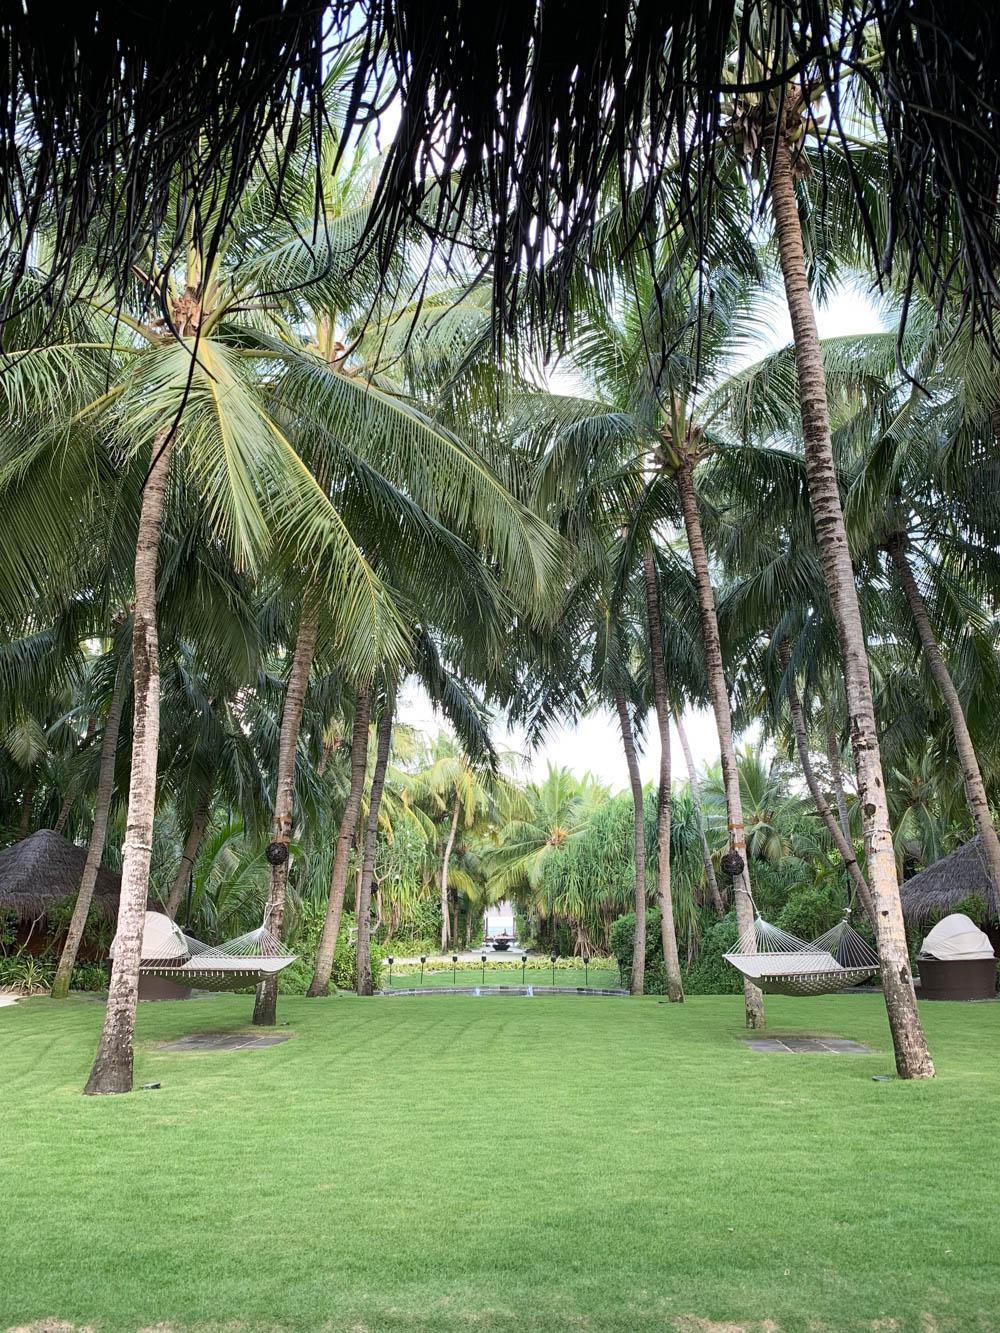 Maldives_Resort_Honeymoon_OneandOnly_MaldivesTravelAdvisor-19.jpg